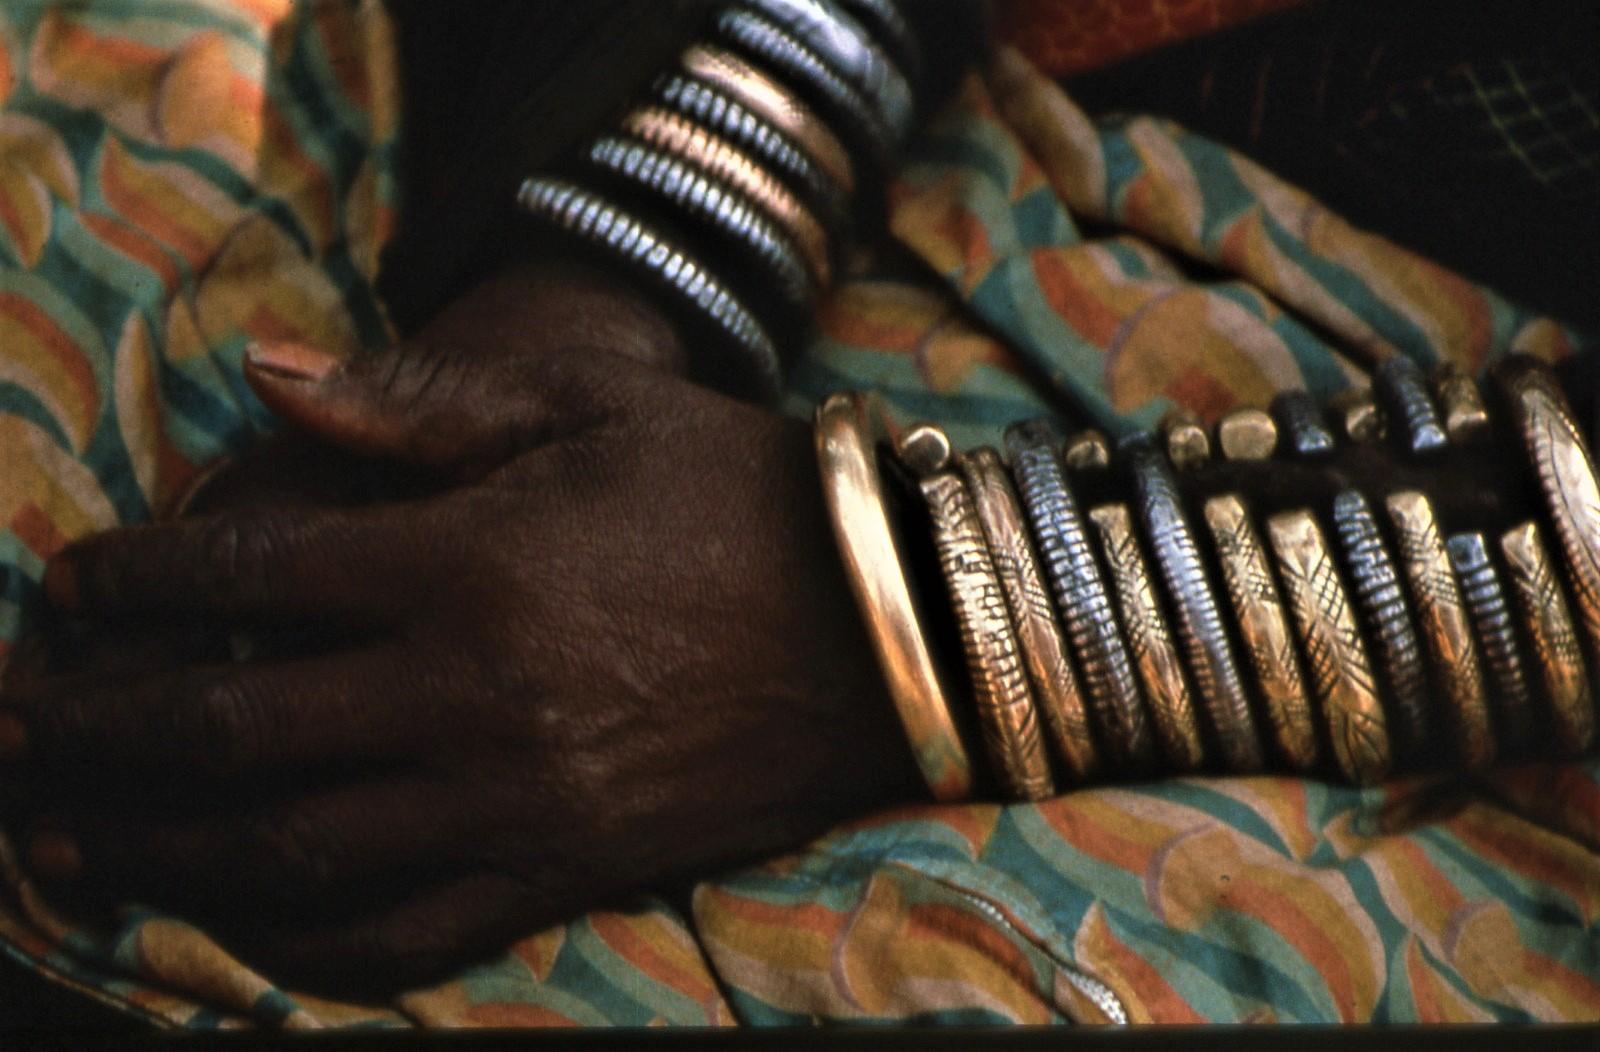 Barabaig woman with bangles